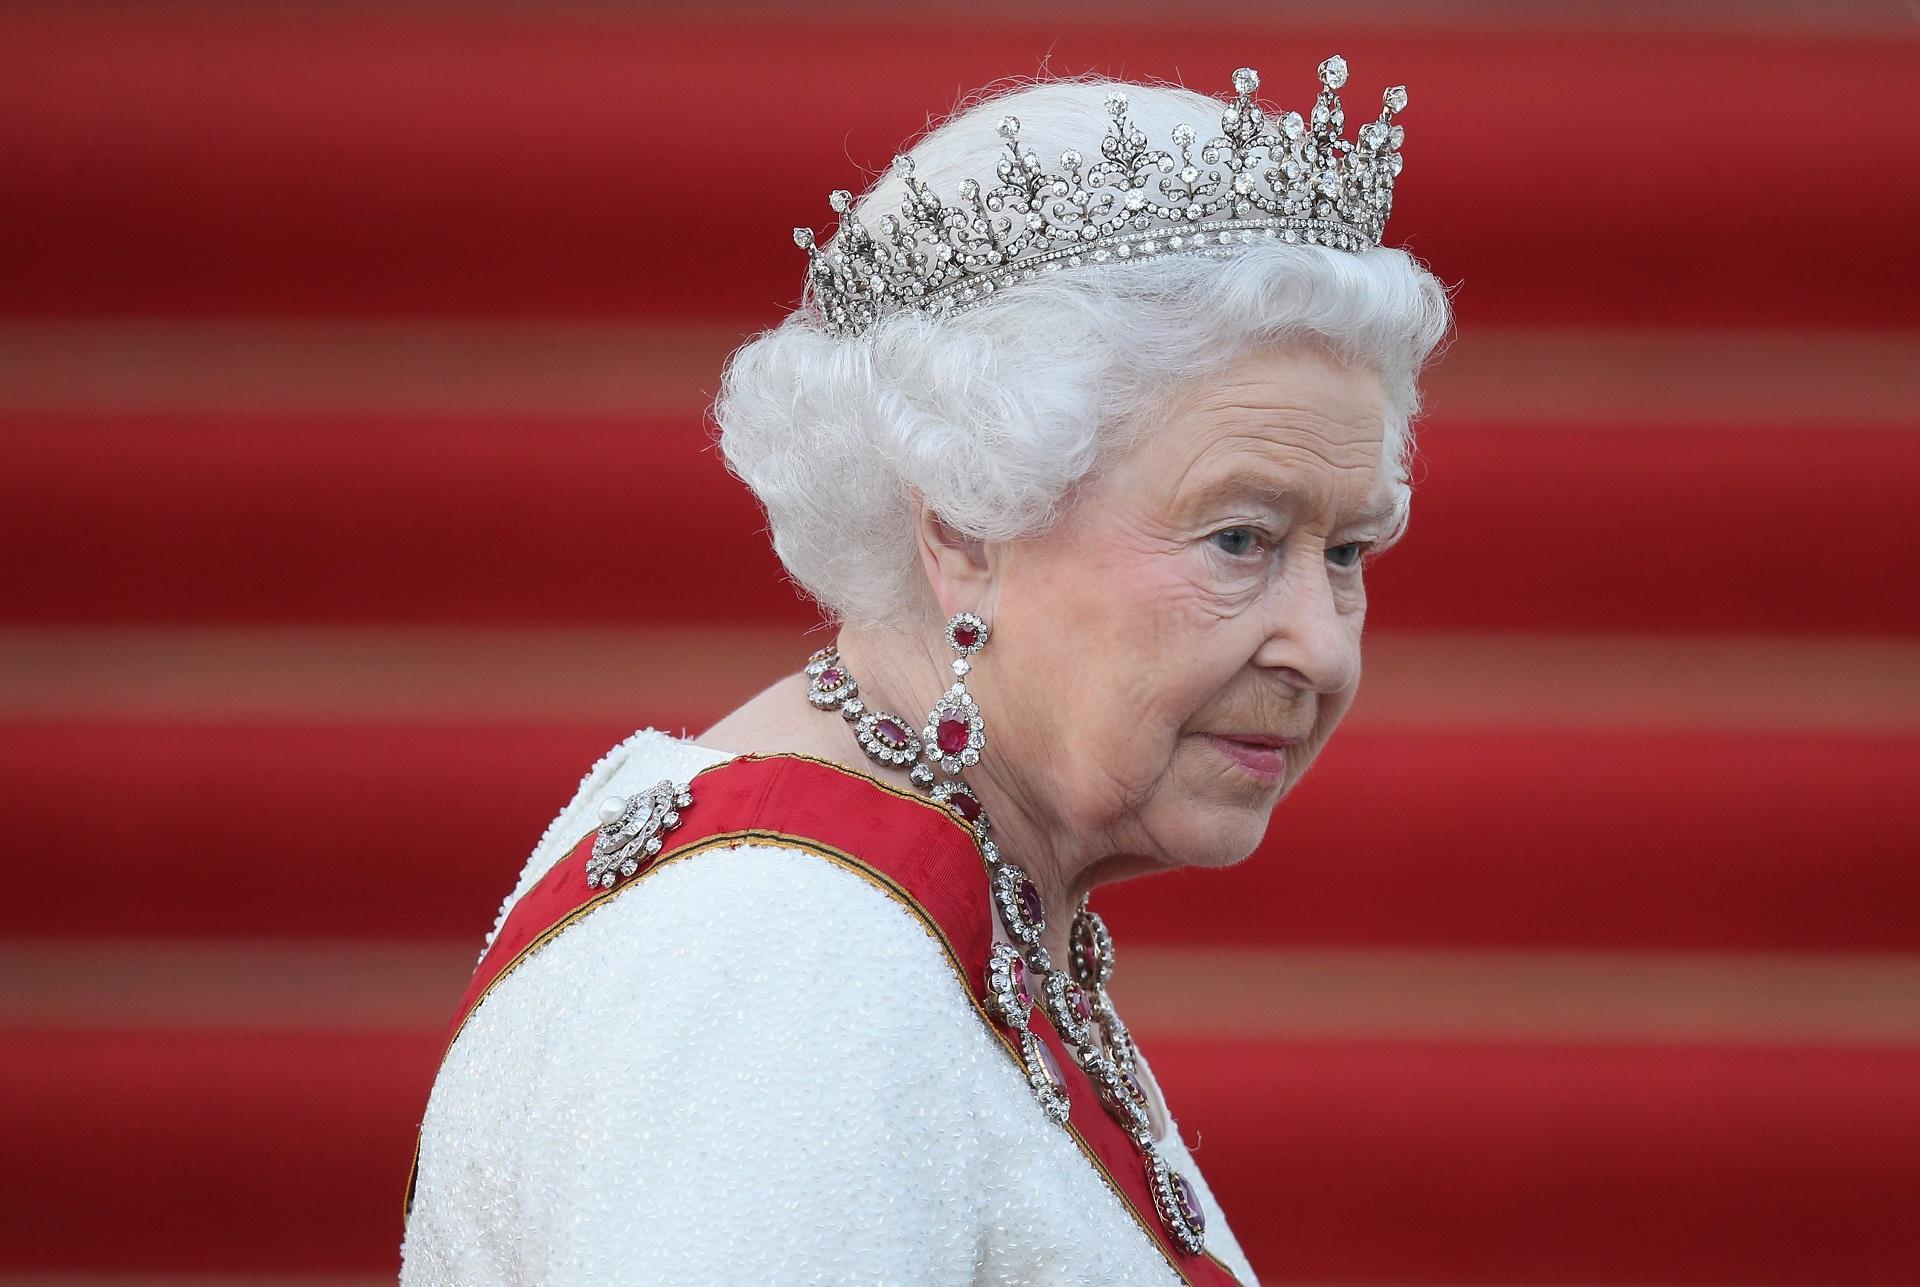 Ce se va întâmplă după moartea Reginei Elisabeta. Ce trebuie să facă Prințul Charles imediat după decesul mamei sale